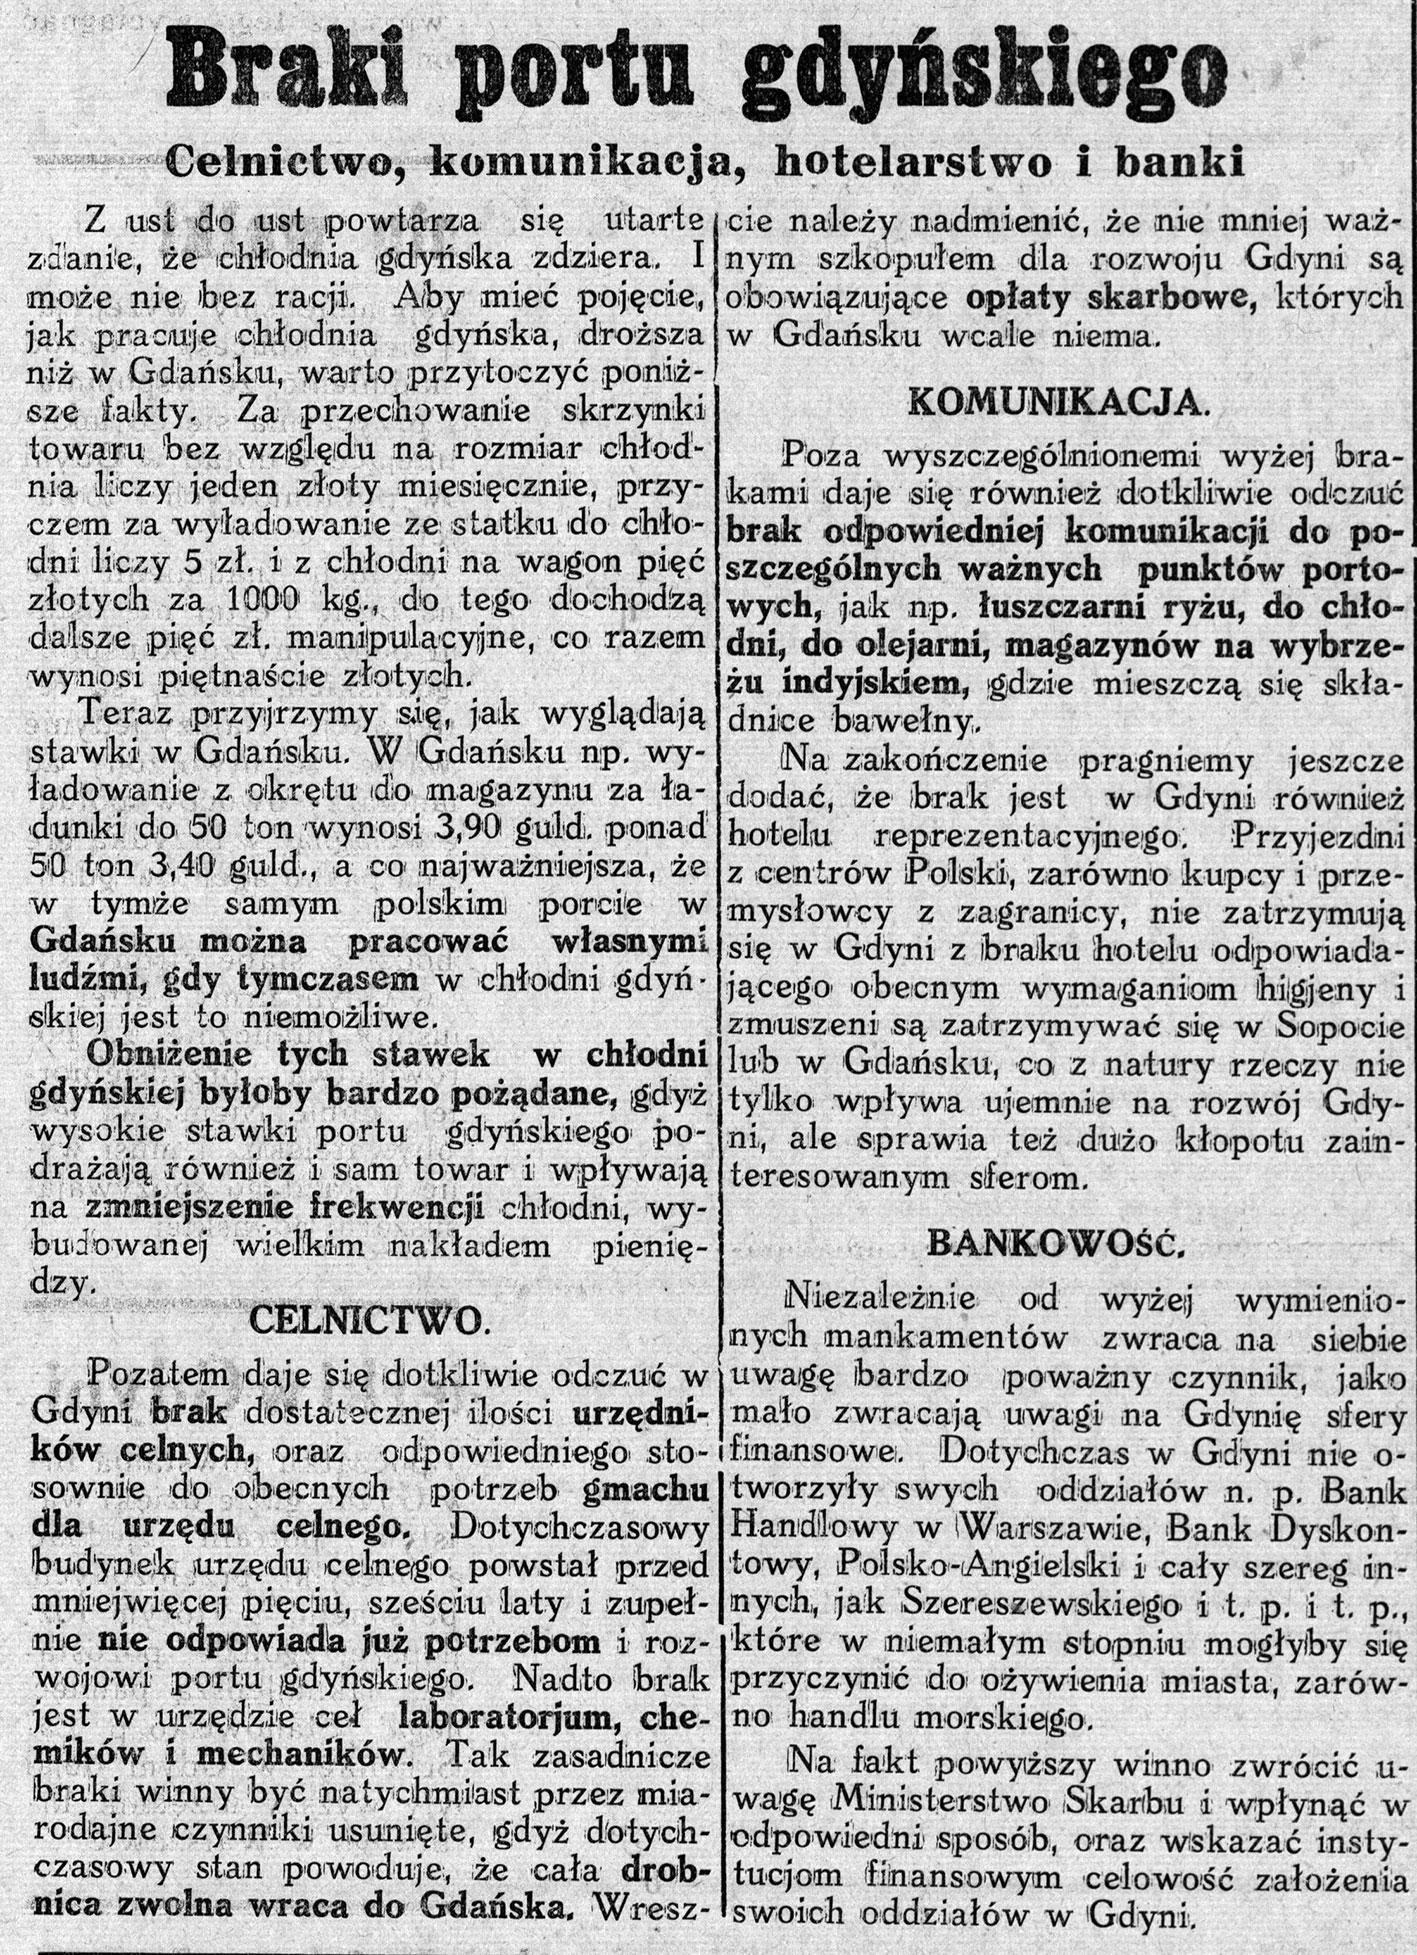 Braki portu gdyńskiego. Celnictwo, komunikacja, hotelarstwo i banki // Nowa Epoka. - 1933, nr 6/8, s. 4